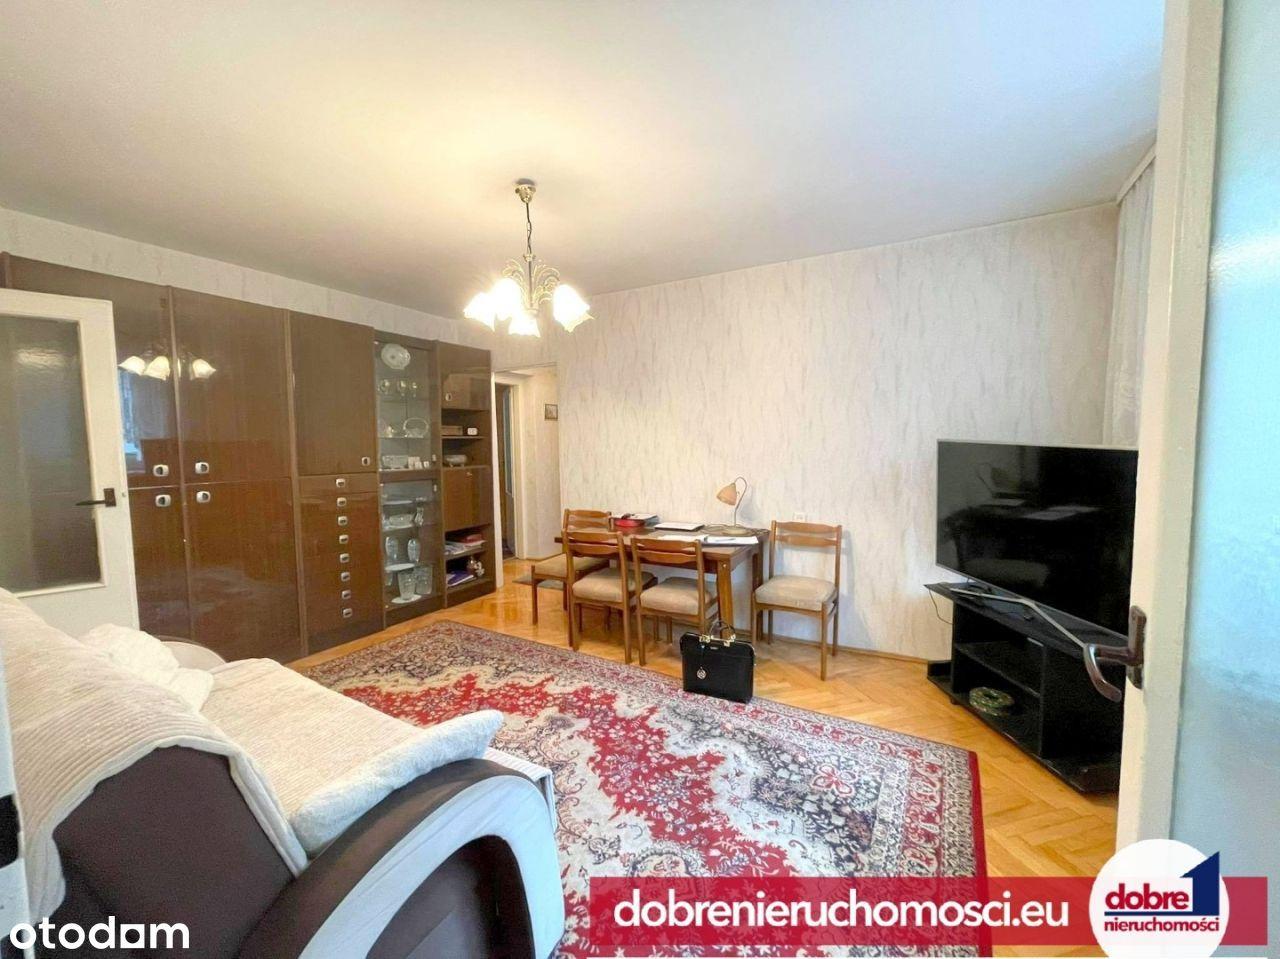 Mieszkanie 3-pokojowe na Bartodziejach, dobra cena